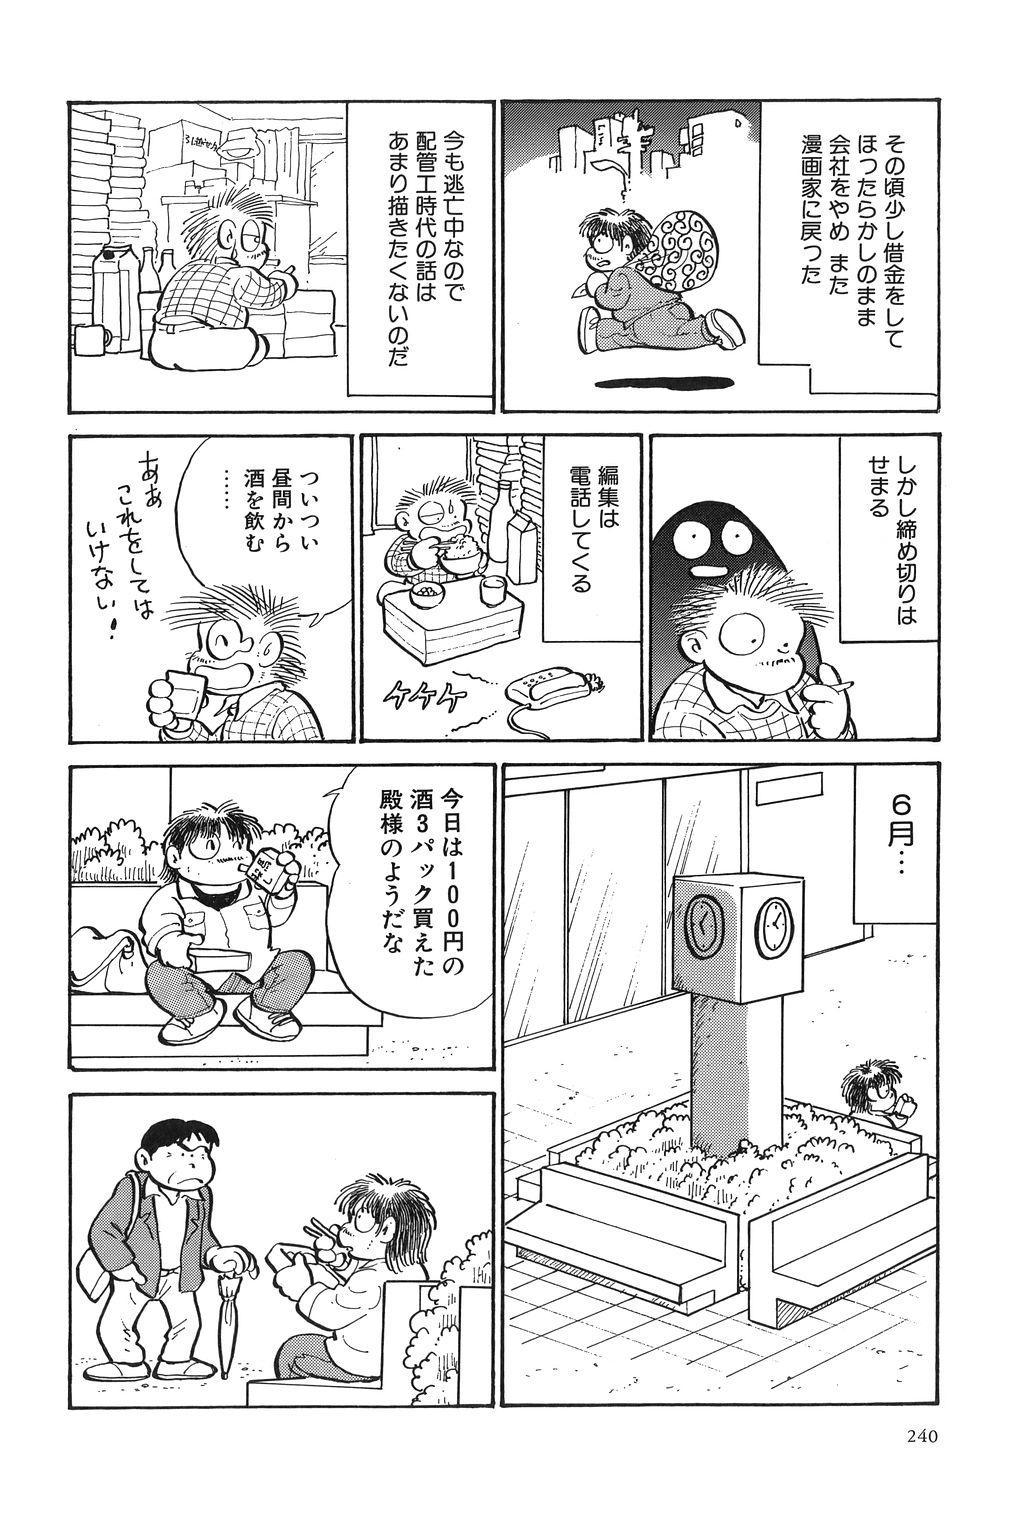 Azuma Hideo Sakuhin Shuusei - Yoru no Tobari no Naka de 242